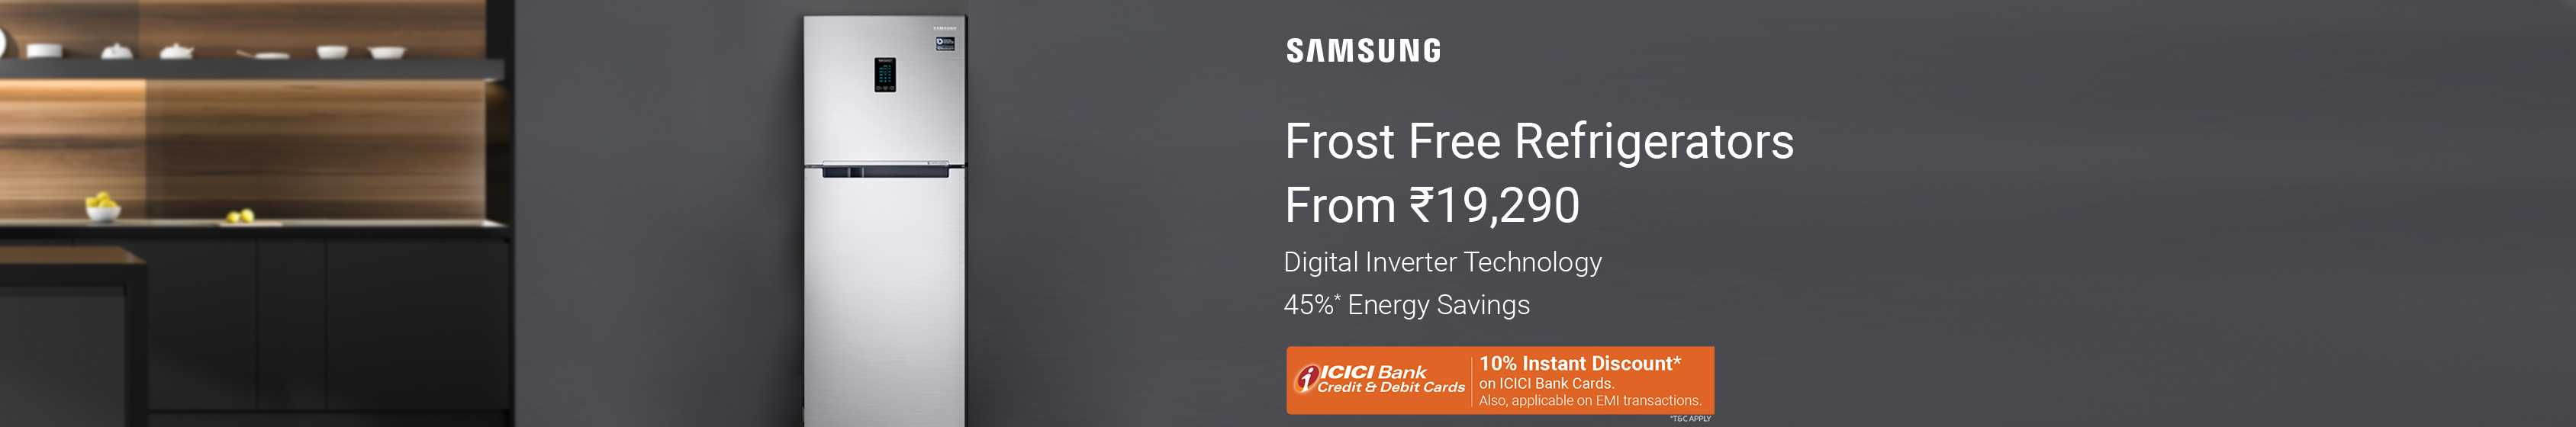 Samsung Double Door Fridge - Buy Samsung Double Door Fridge Online at Best Prices